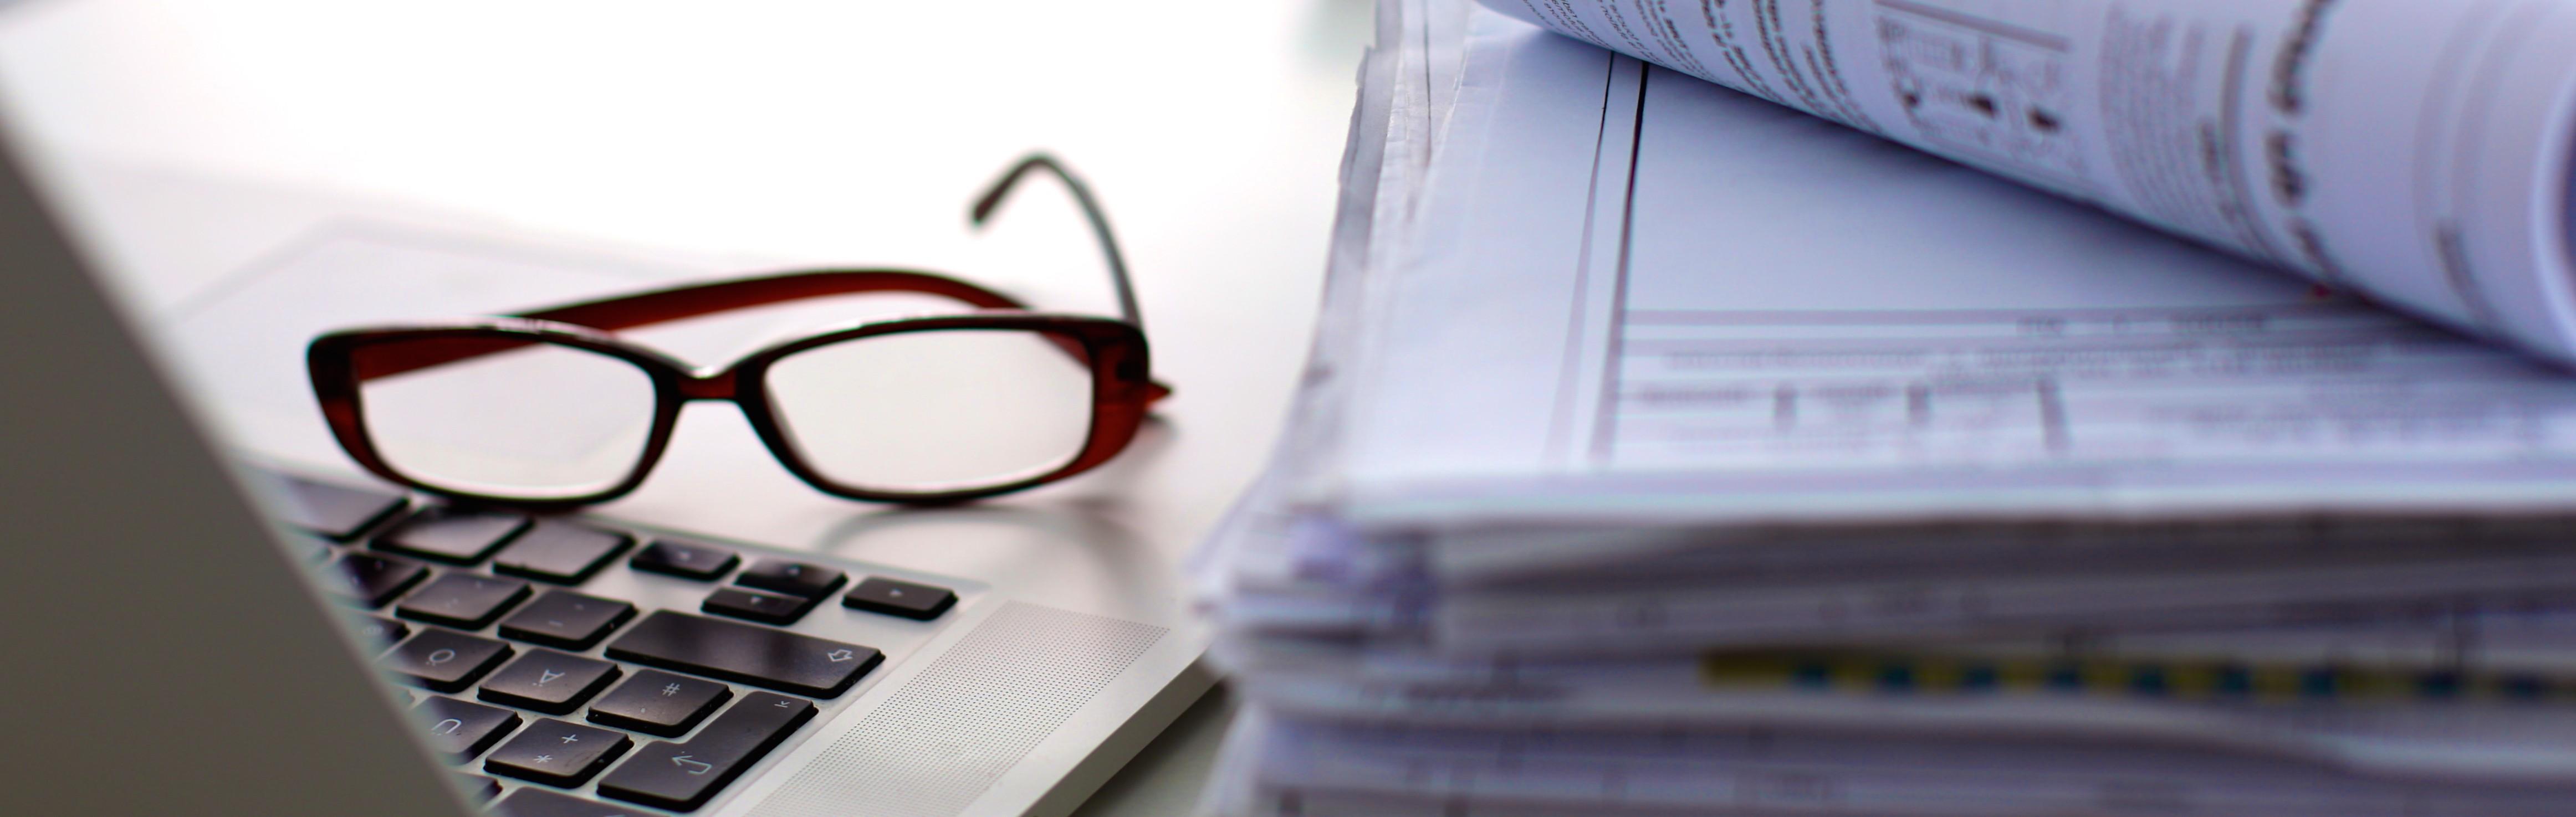 Как составить договор с управляющим, не хуже опытного юриста?